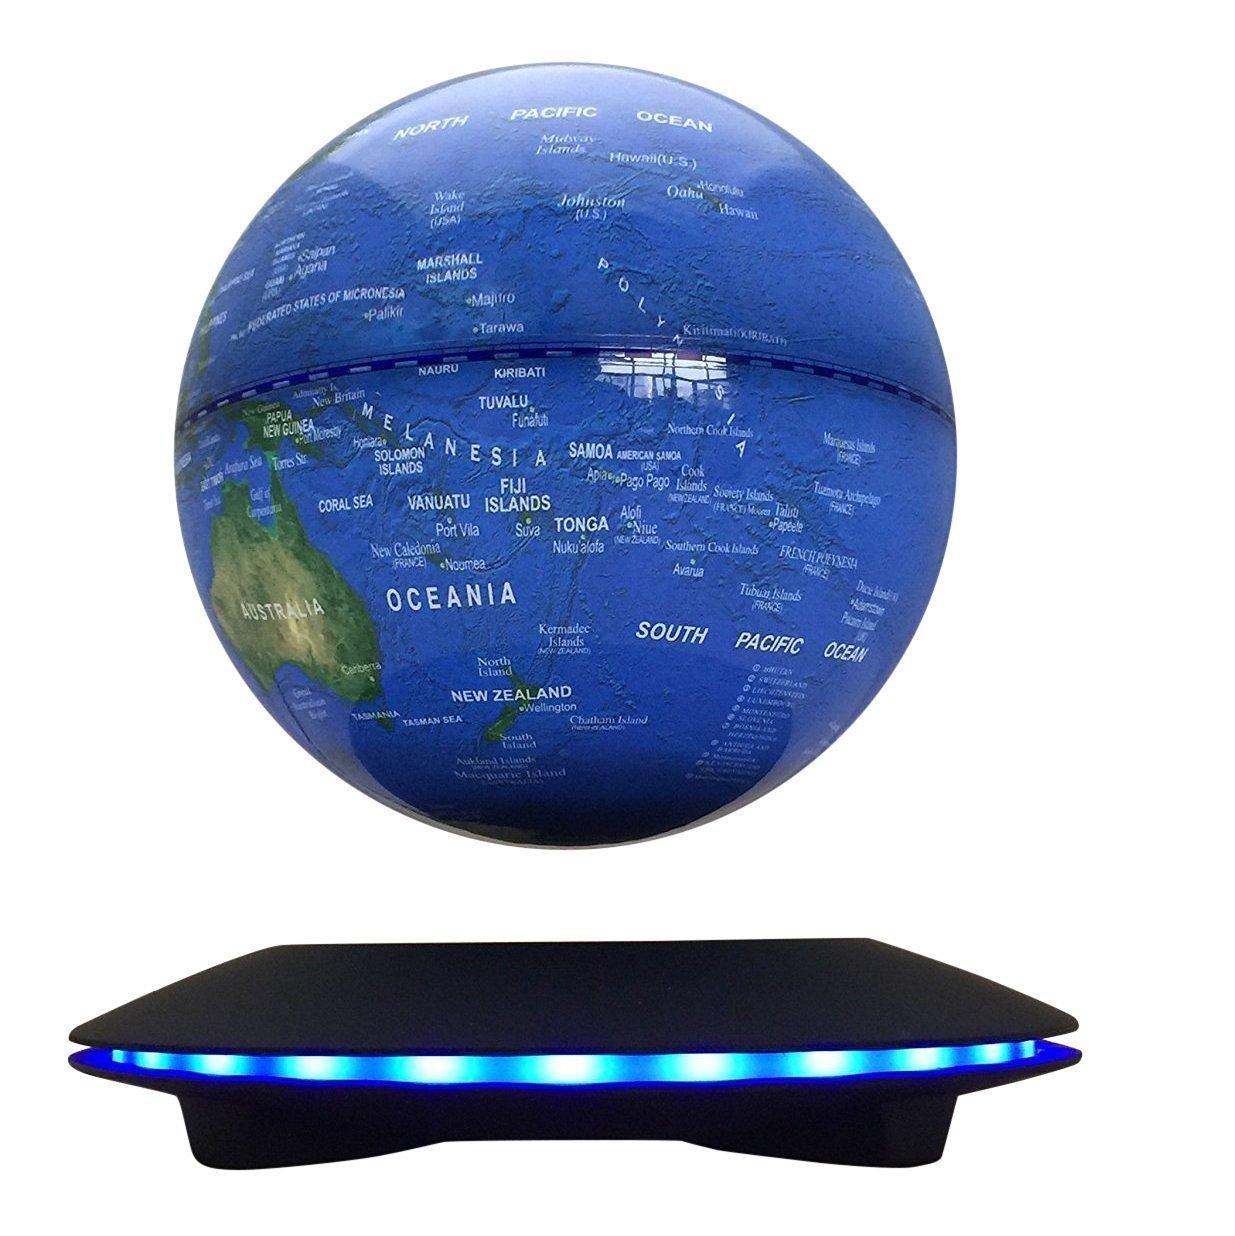 Woodlev Maglev Magnetschwebebahn Levitron Floating rotierende Wireless Übertragung Touch Control drei Gänge 6 Blue Globe Schwarz Plattform LED Anpassung Home Decor